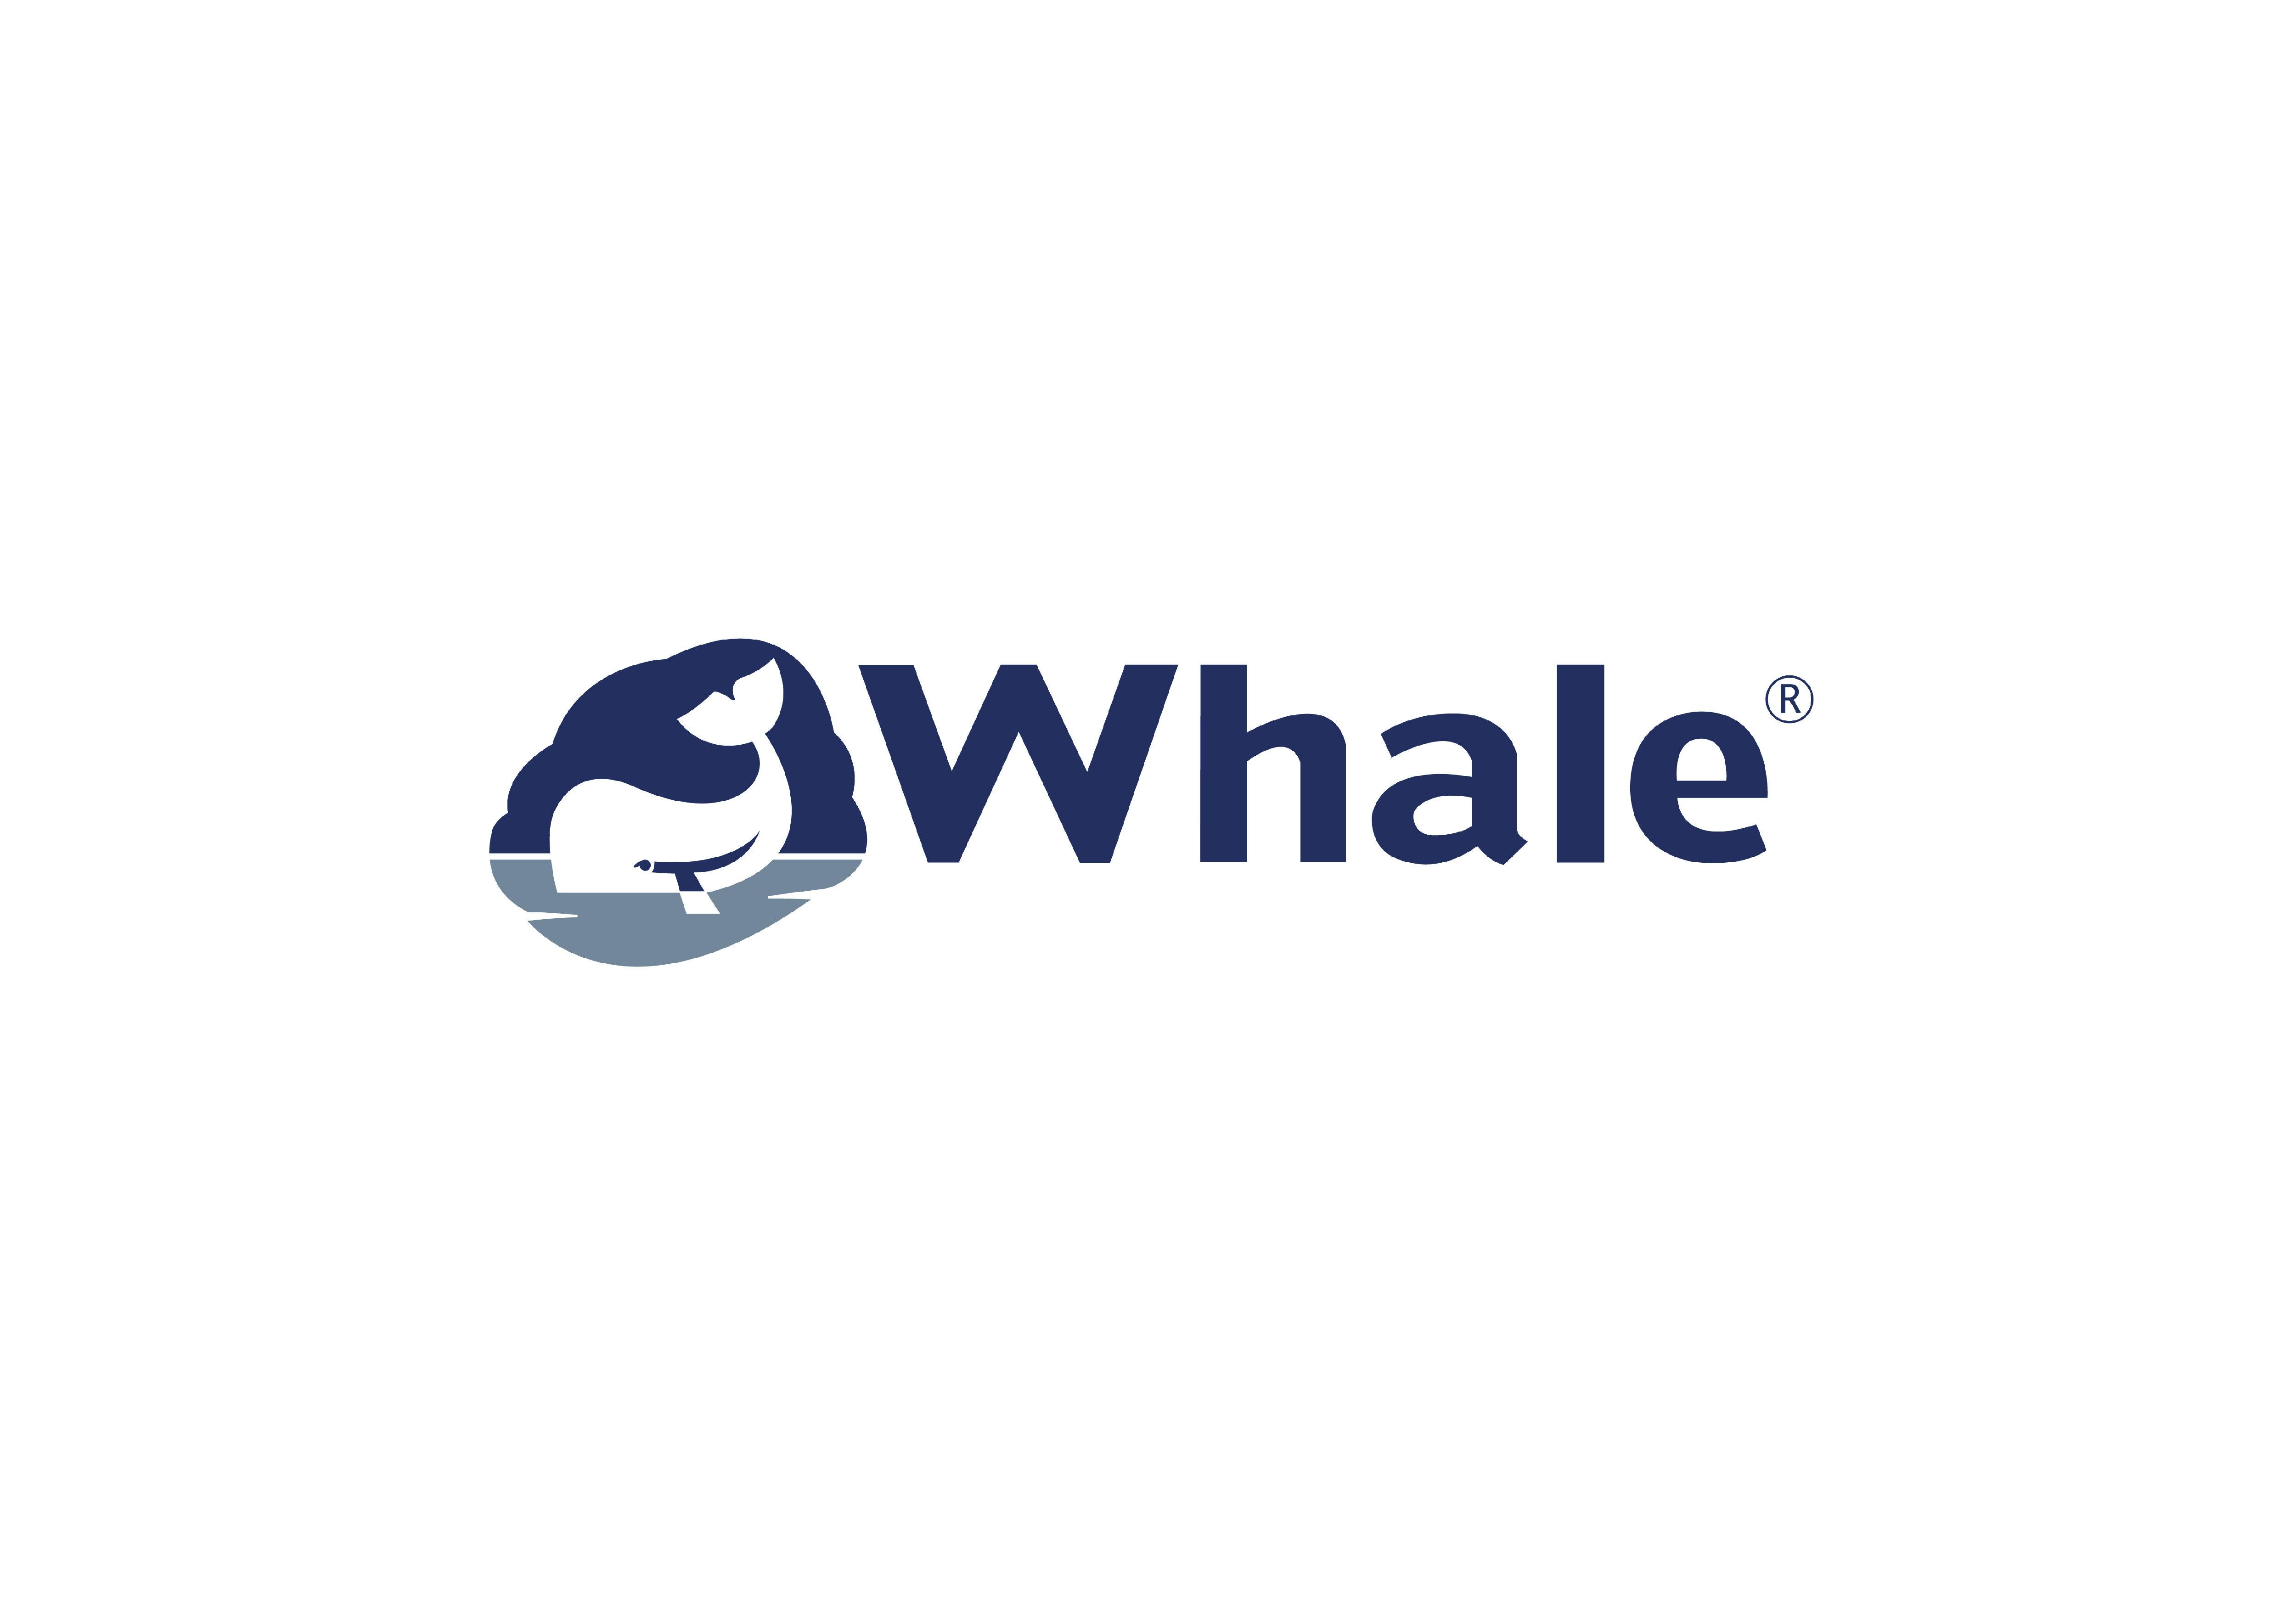 WHALE-01